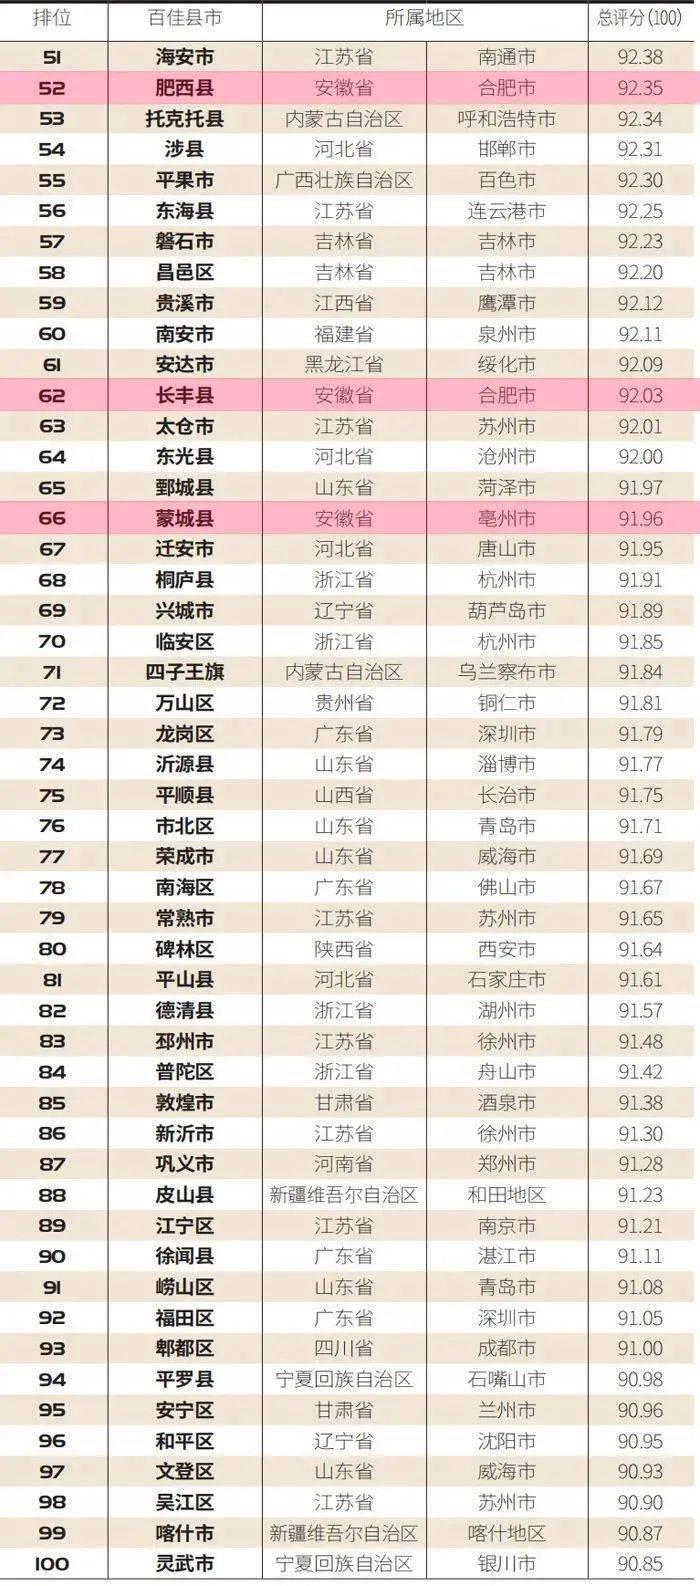 芜湖市各区县2020年-季度gdp_2020年一季度三明各区县市GDP最新数据,永安市总量第一,人均第三(3)